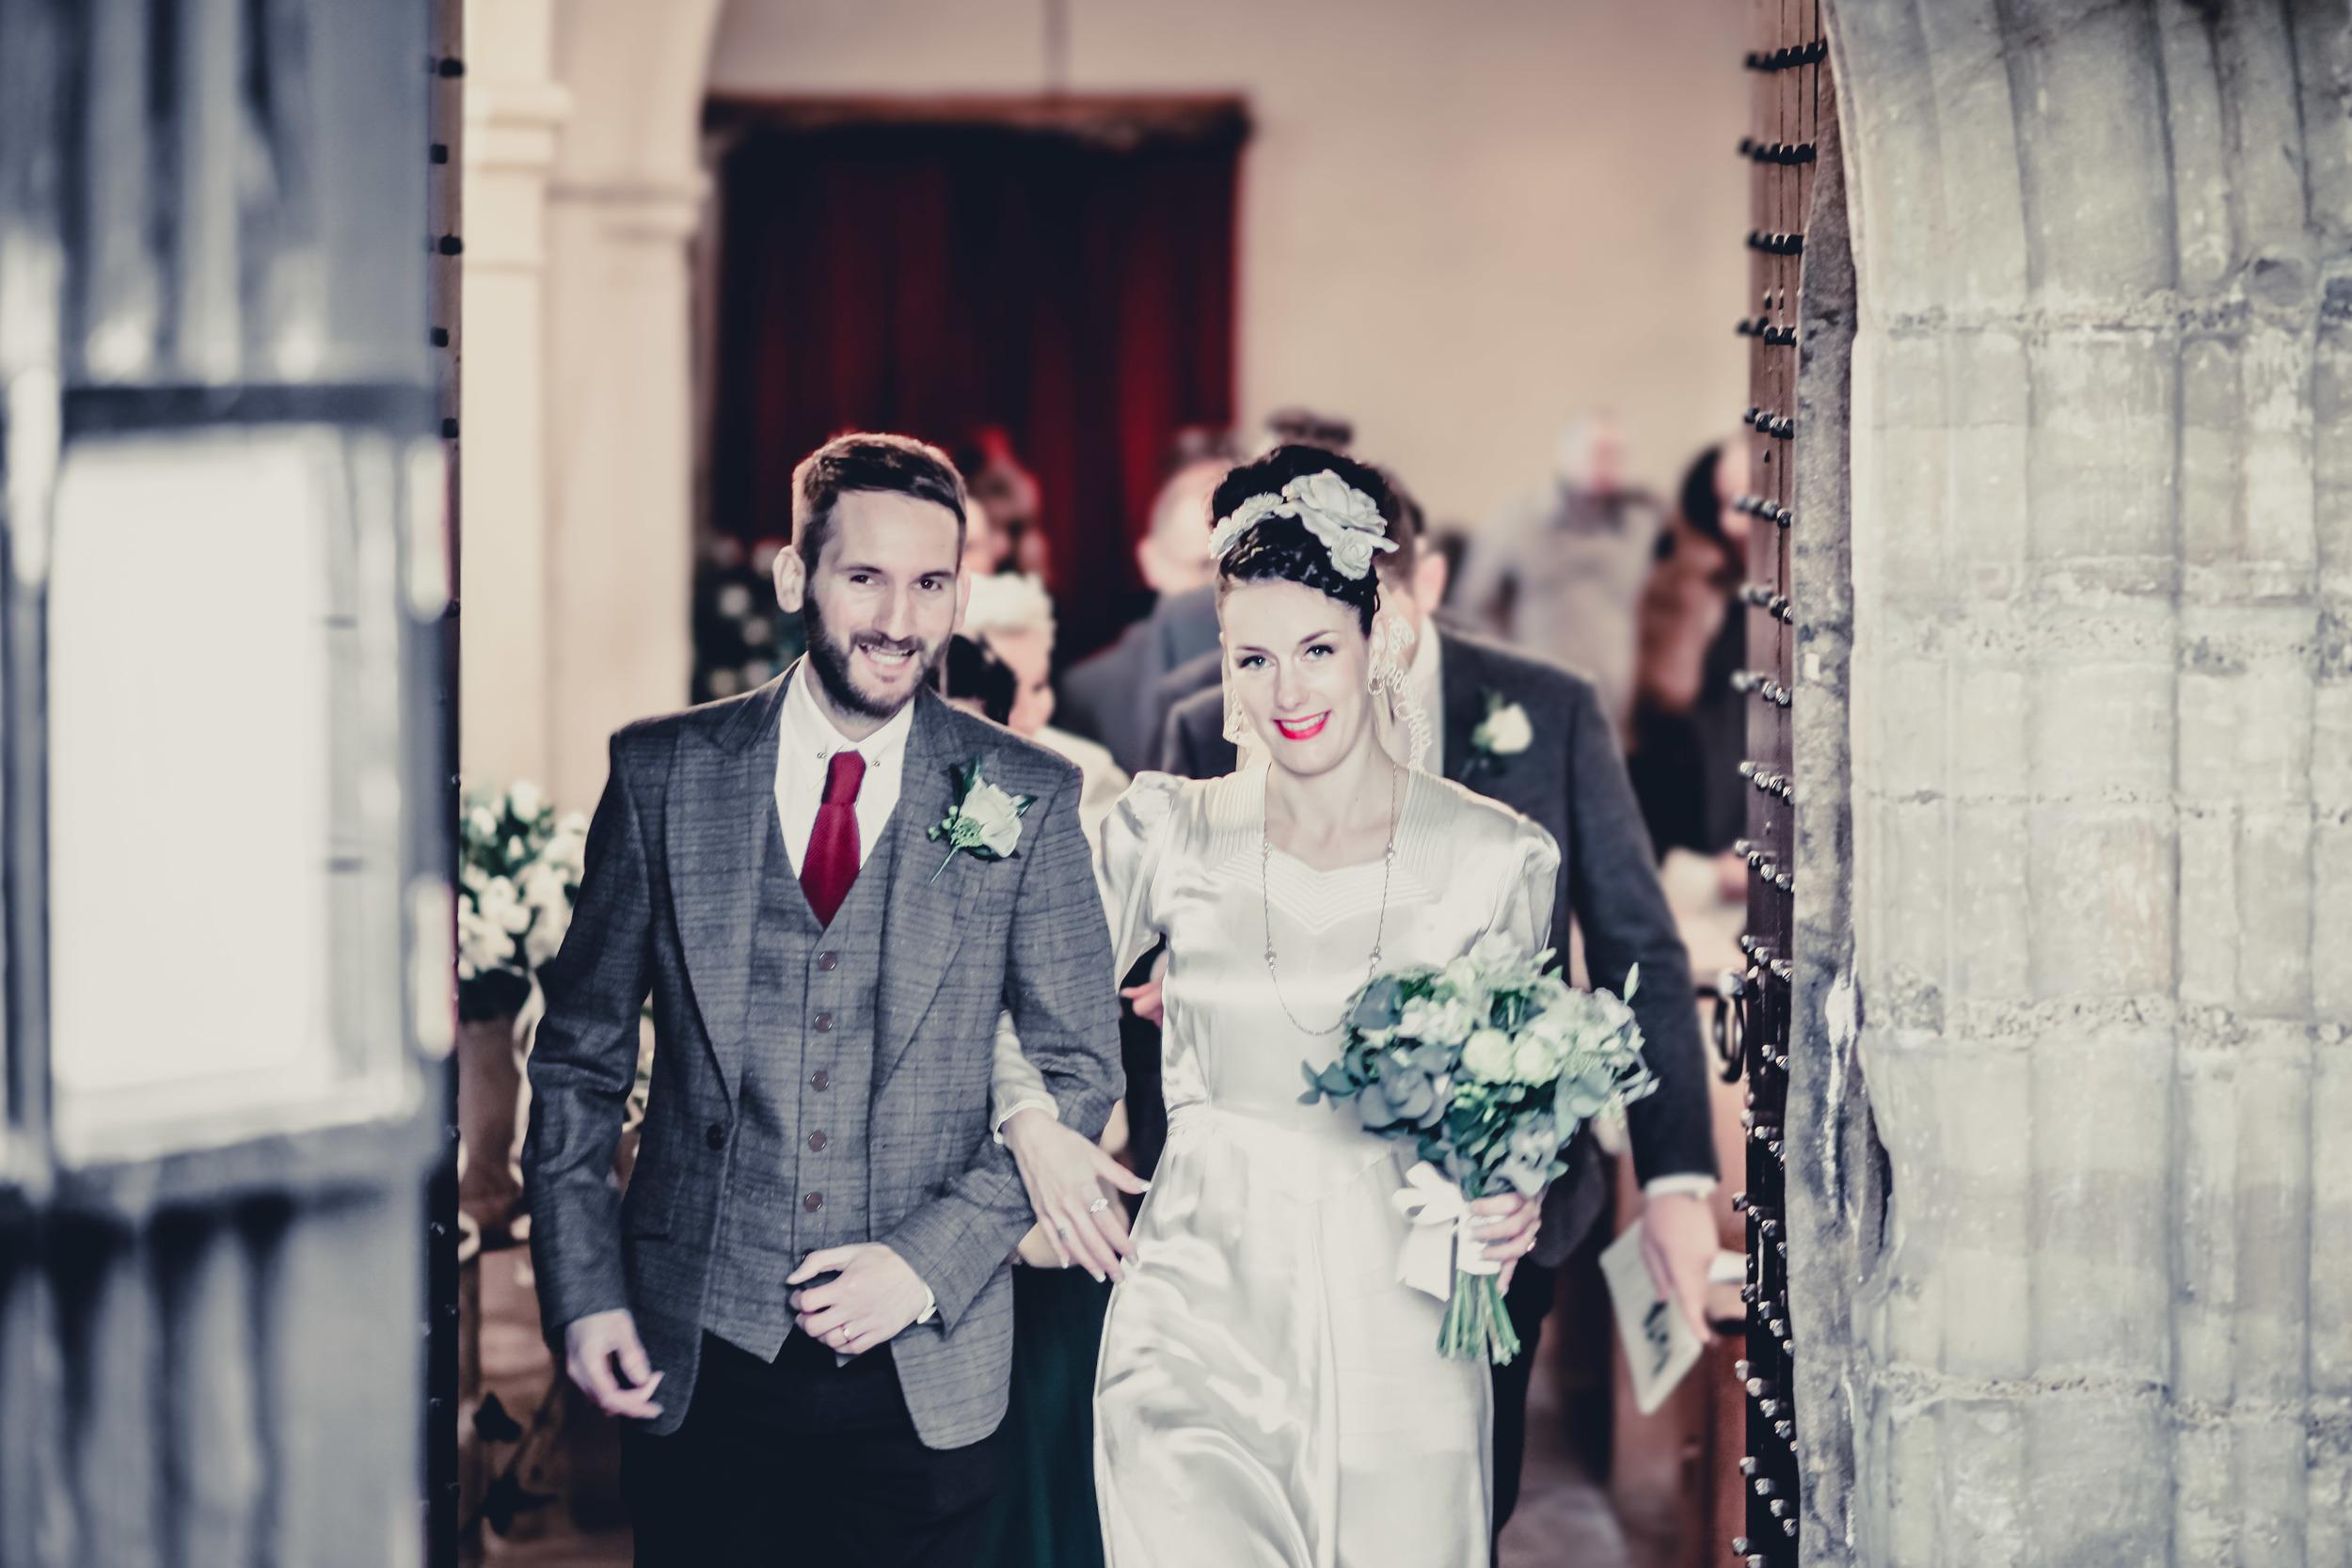 100 - Angela and Karls Wedding by www.markpugh.com -5910.jpg